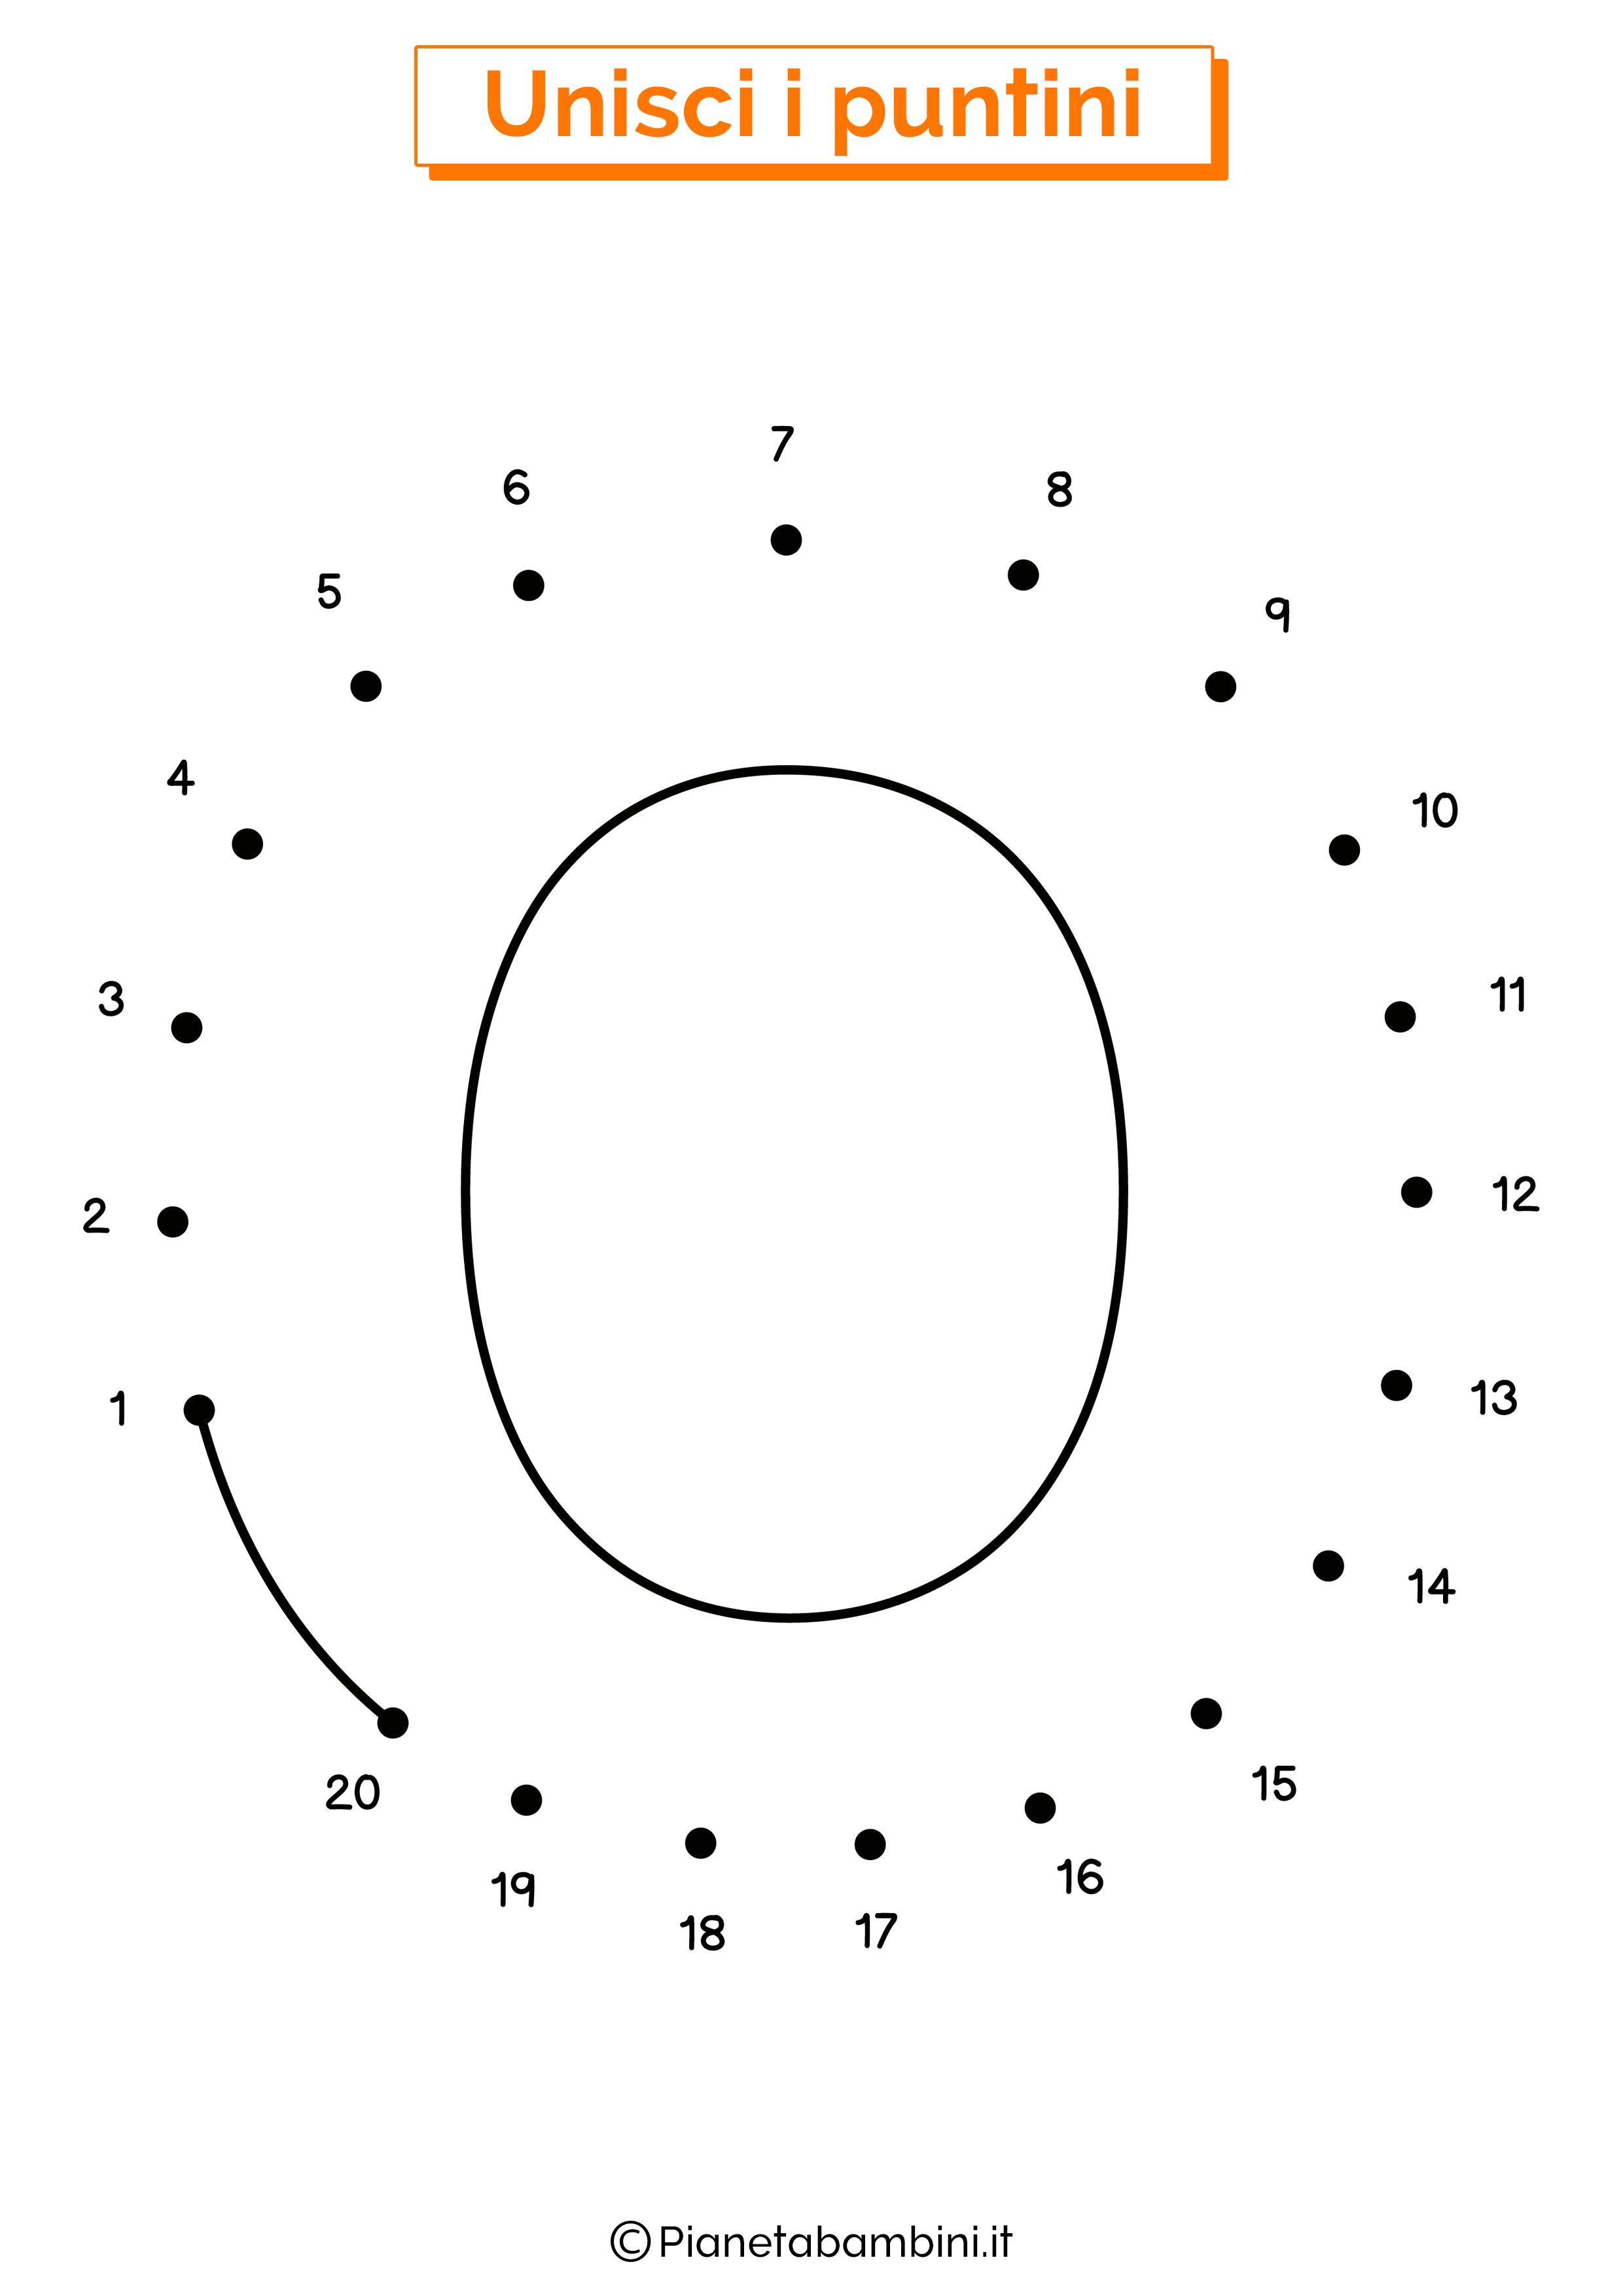 Unisci i puntini con la lettera O